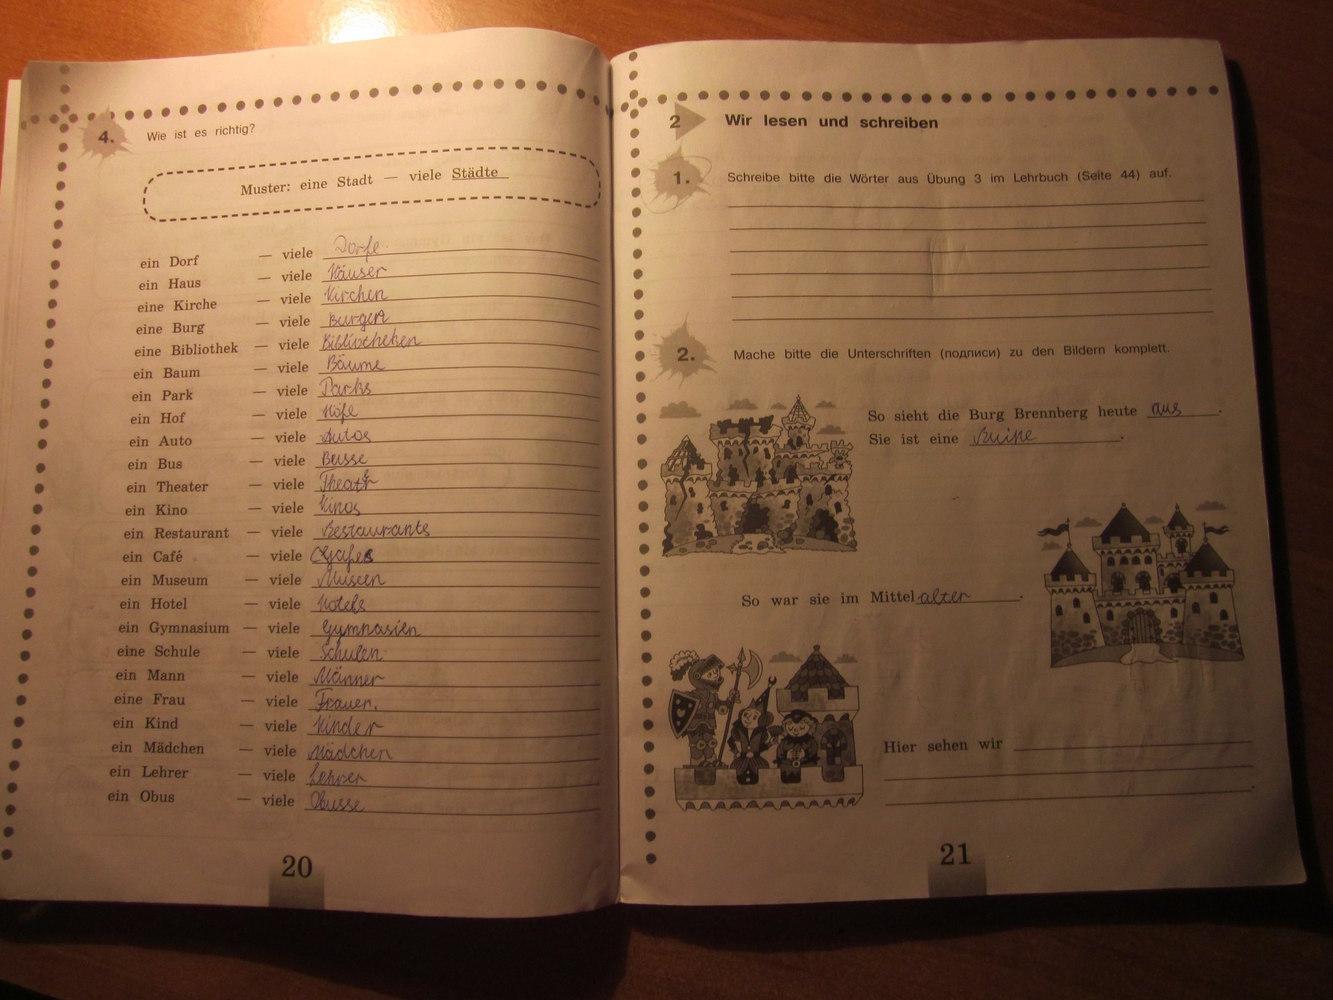 Учебник по немецкому языку бим 6 класс скачать.